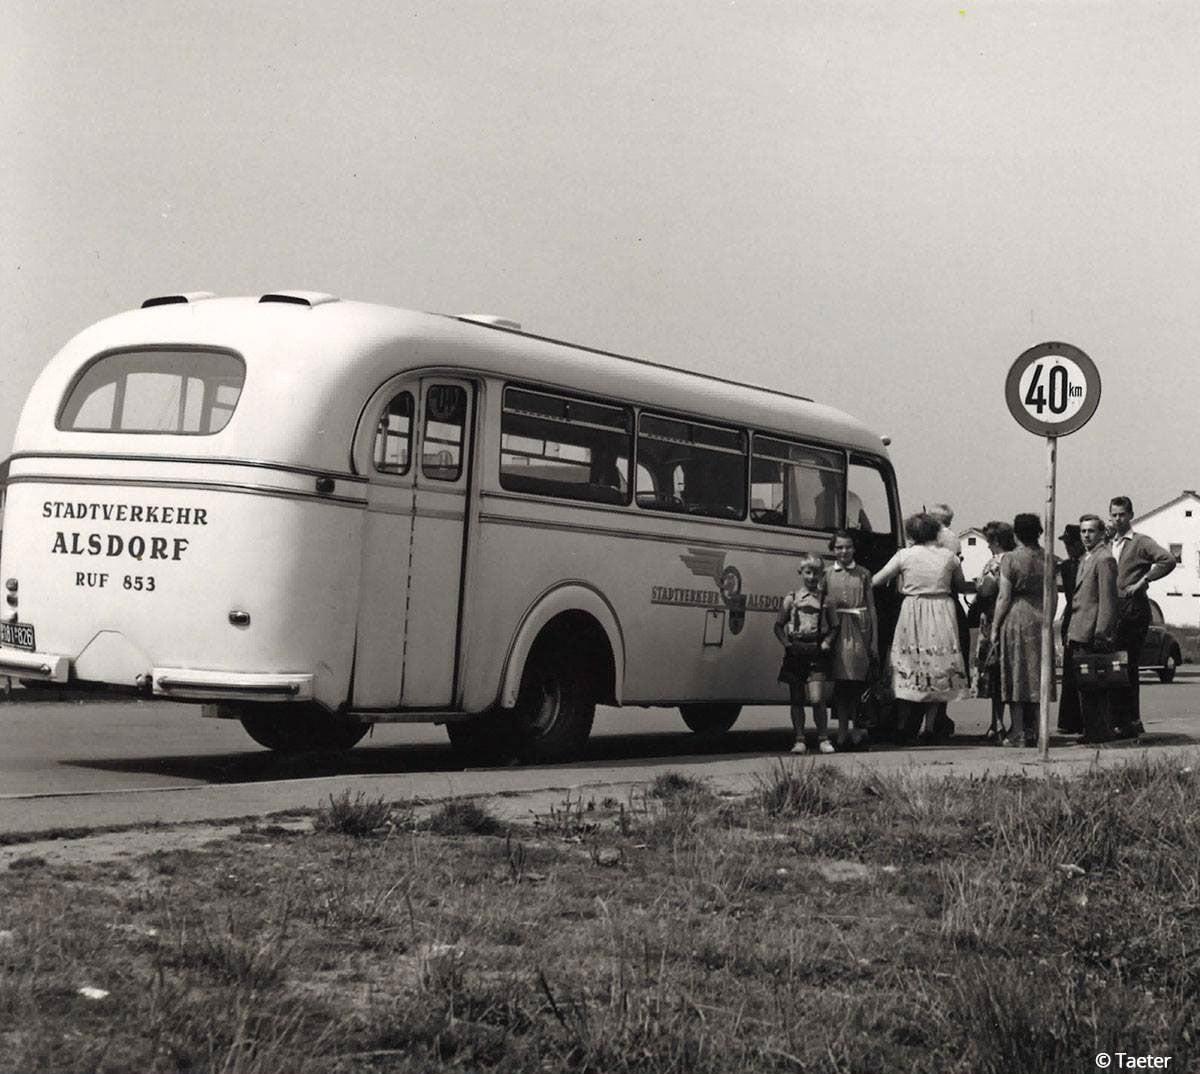 Stadsbus-van-Taeter--1952-in-die-regio-Bergbaustadt-Alsdorf-